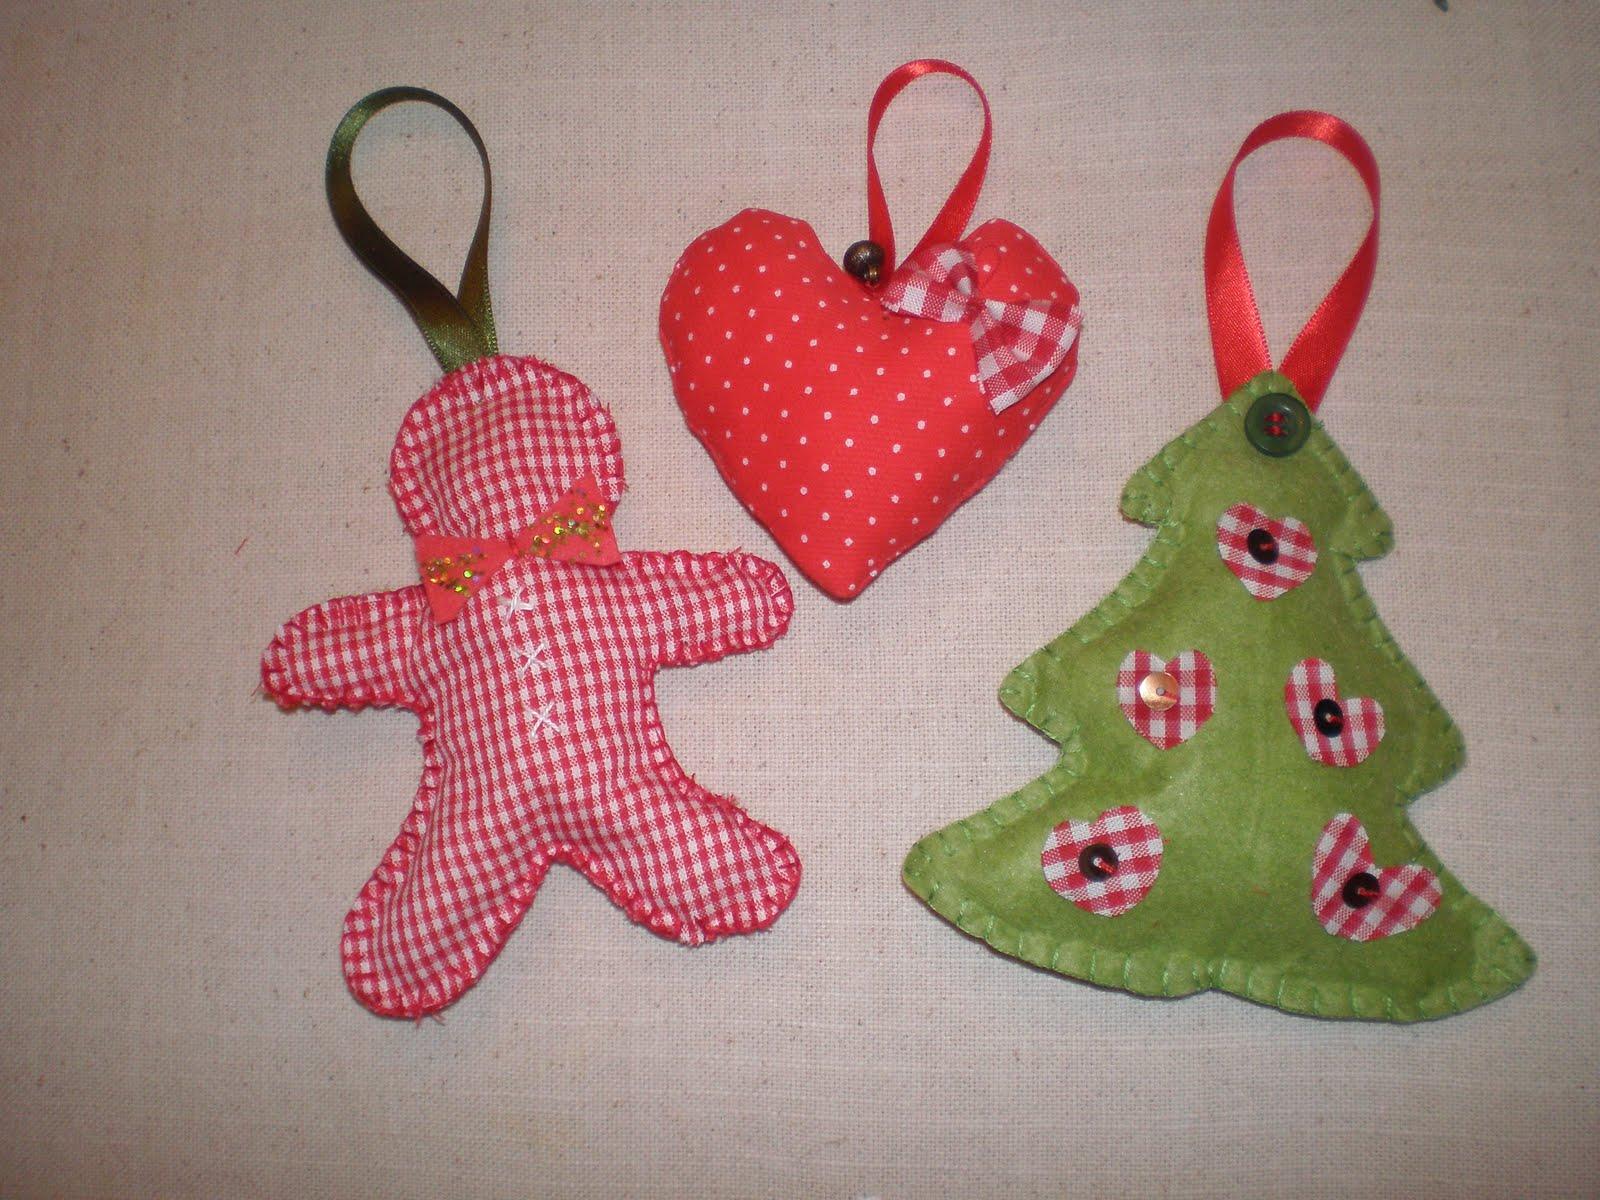 Dentrodelagaveta manualidades para decorar en navidad - Decorar casa navidad manualidades ...